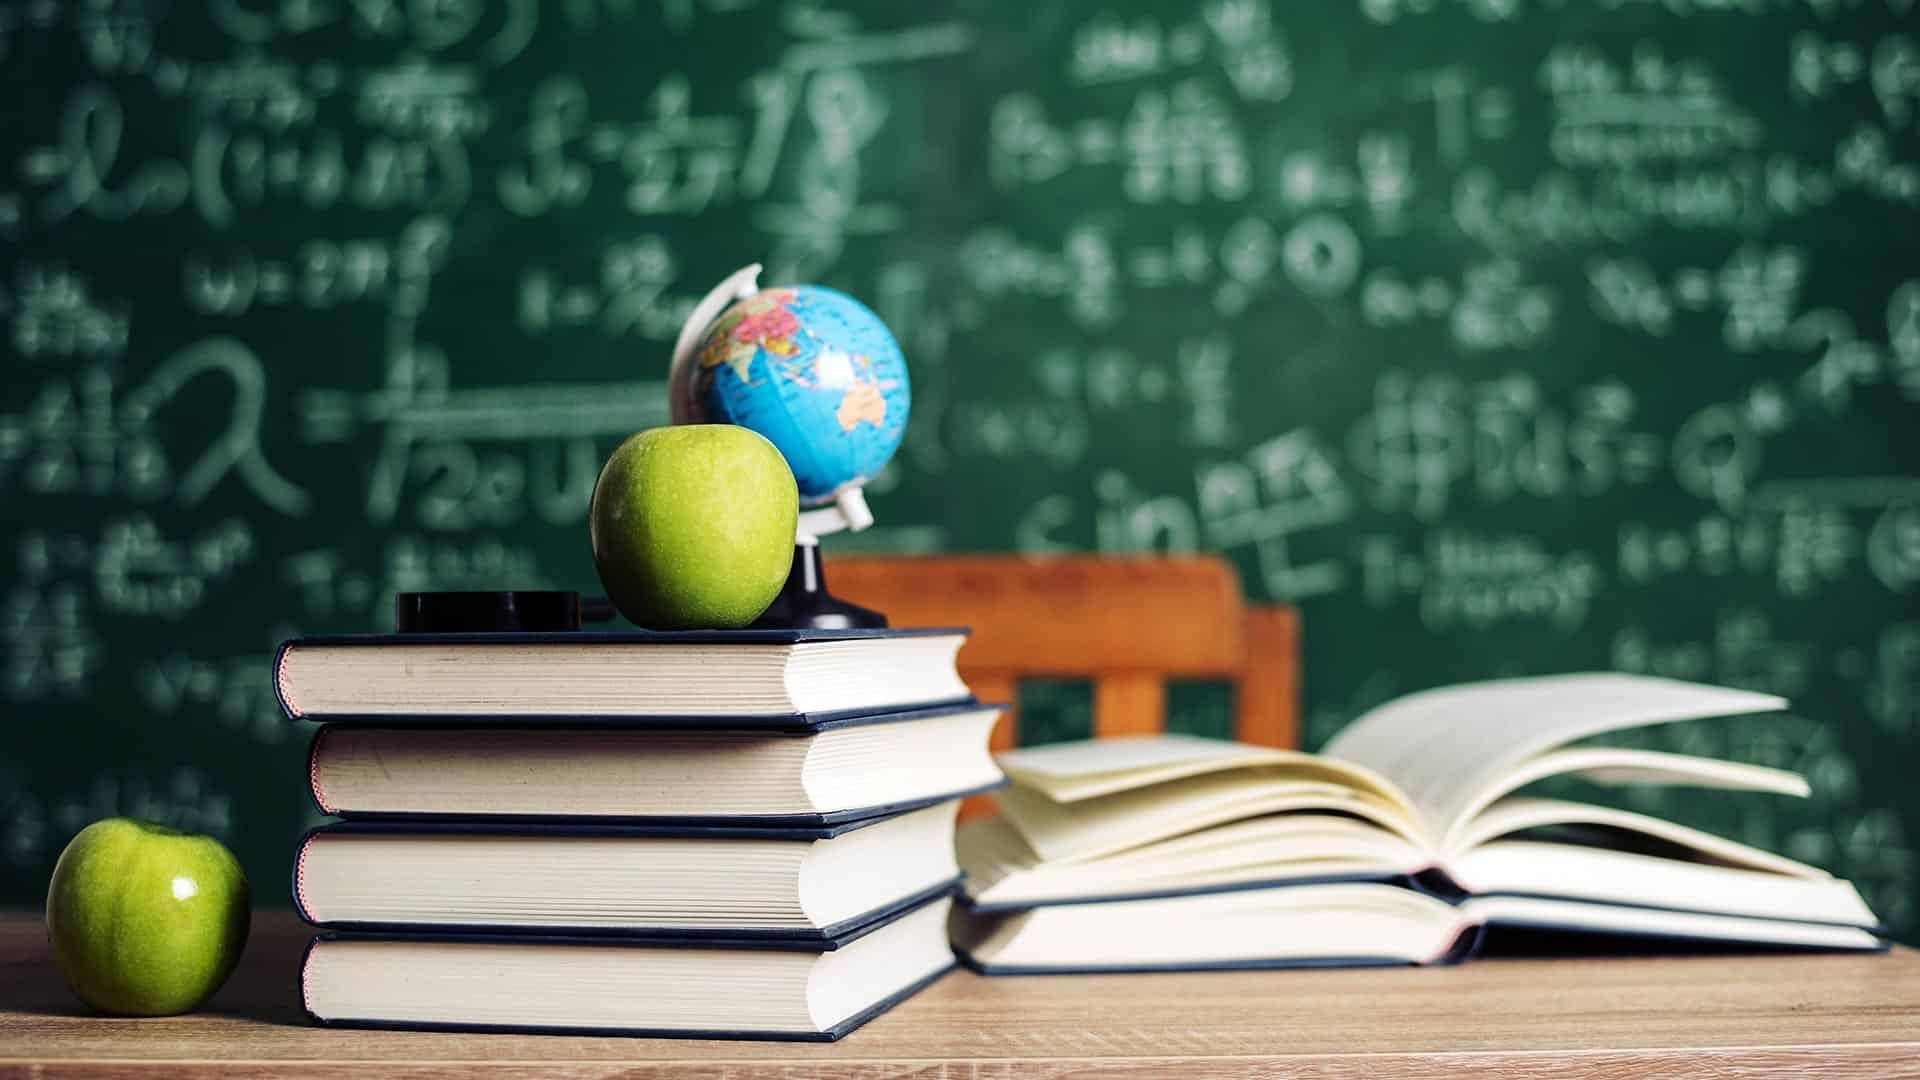 پاسخ به سوالات آموزش و پرورشی شما